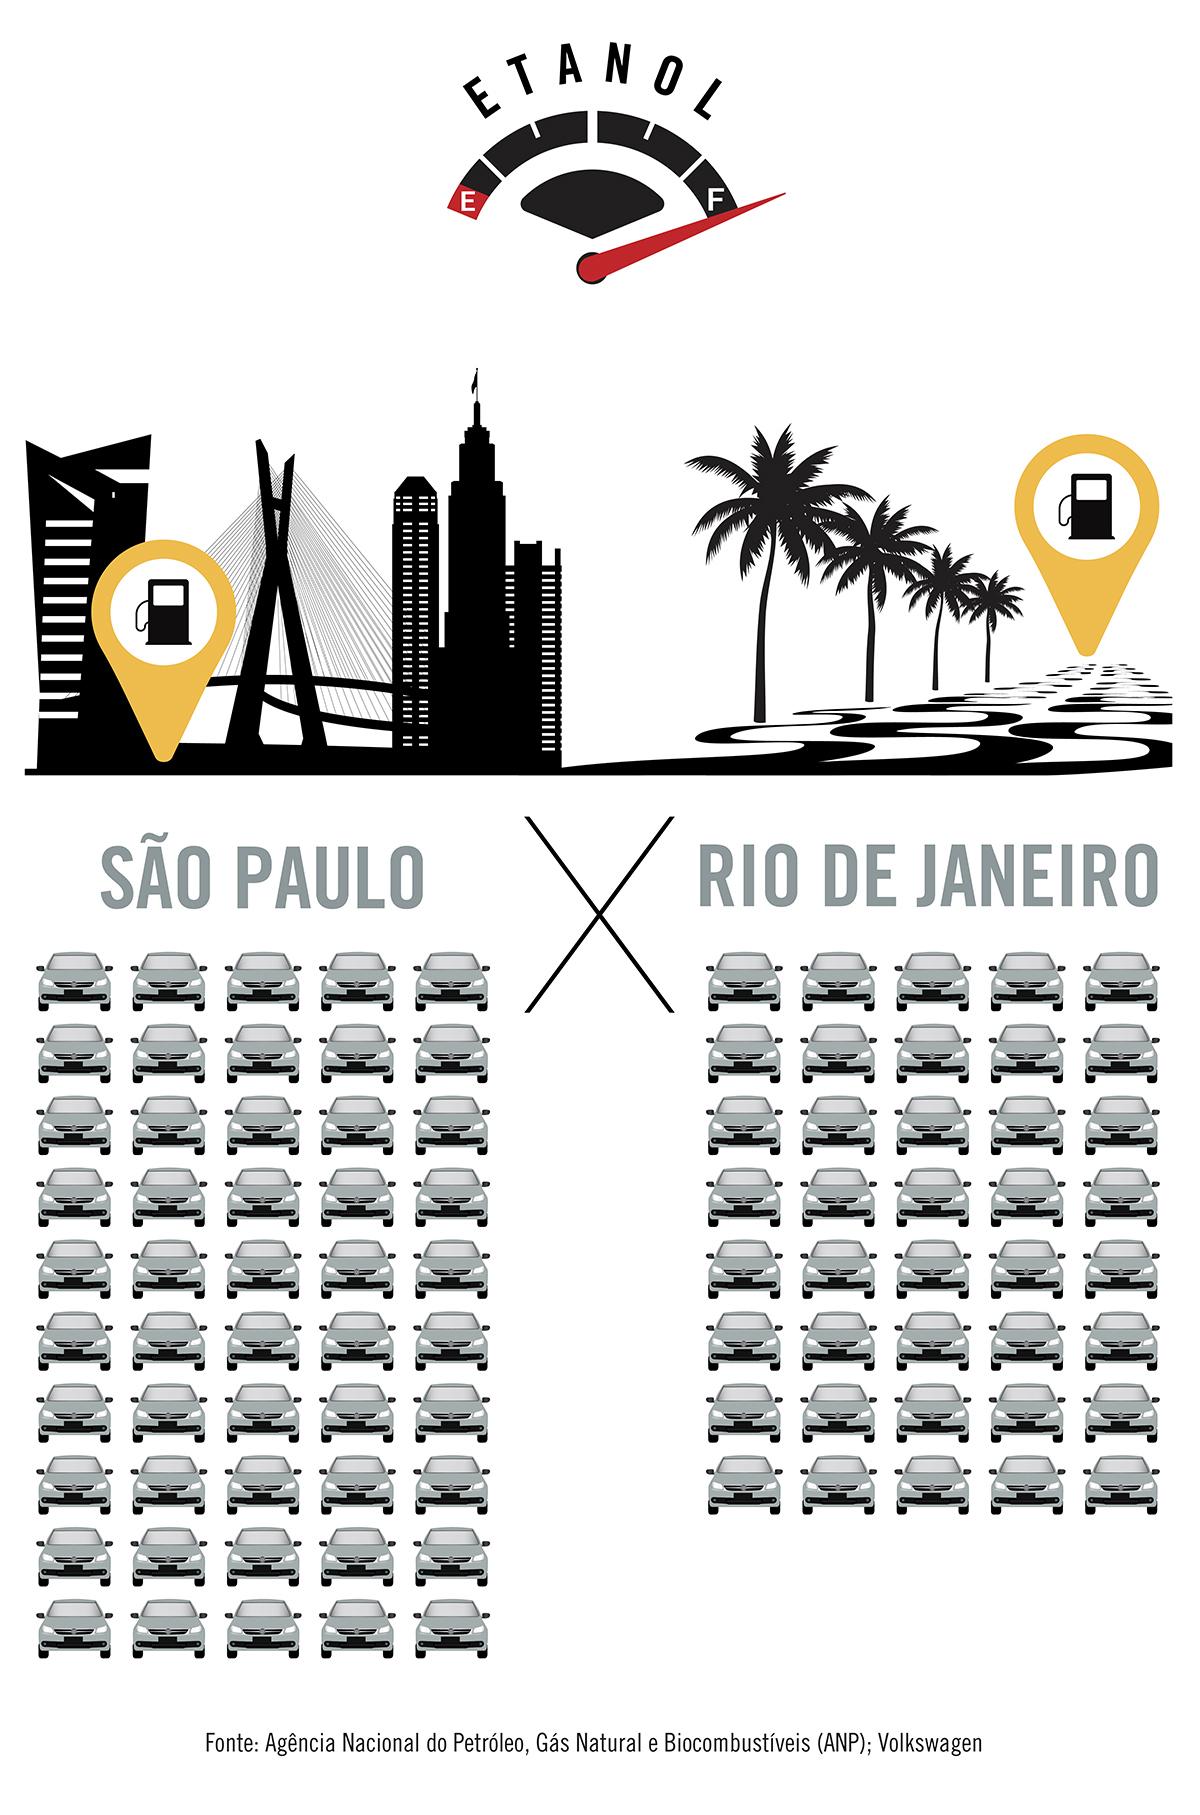 Com o que se paga para abastecer 50 Gols com etanol em São Paulo é possível abastecer só 40 no Rio de Janeiro